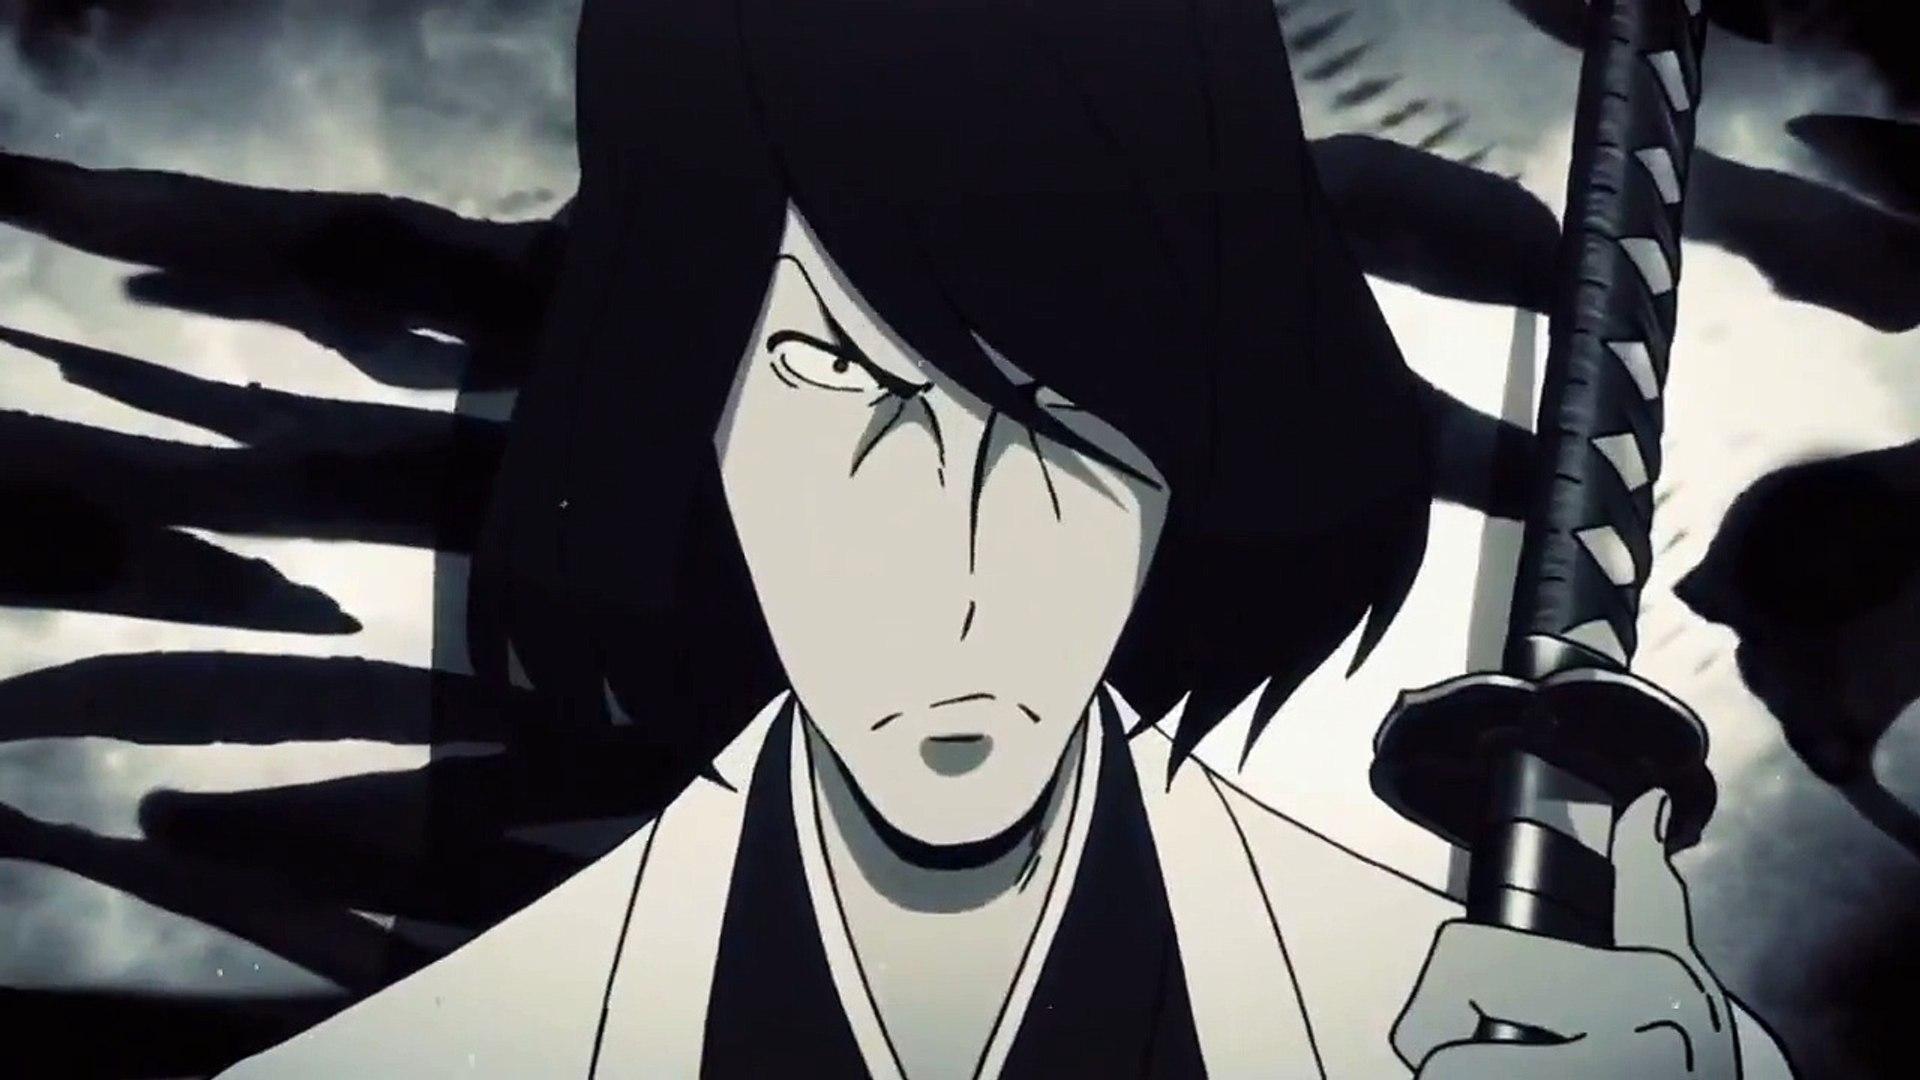 2017年冬のアニメ映画pv Lupin The Iiird Chikemuri No Ishikawa